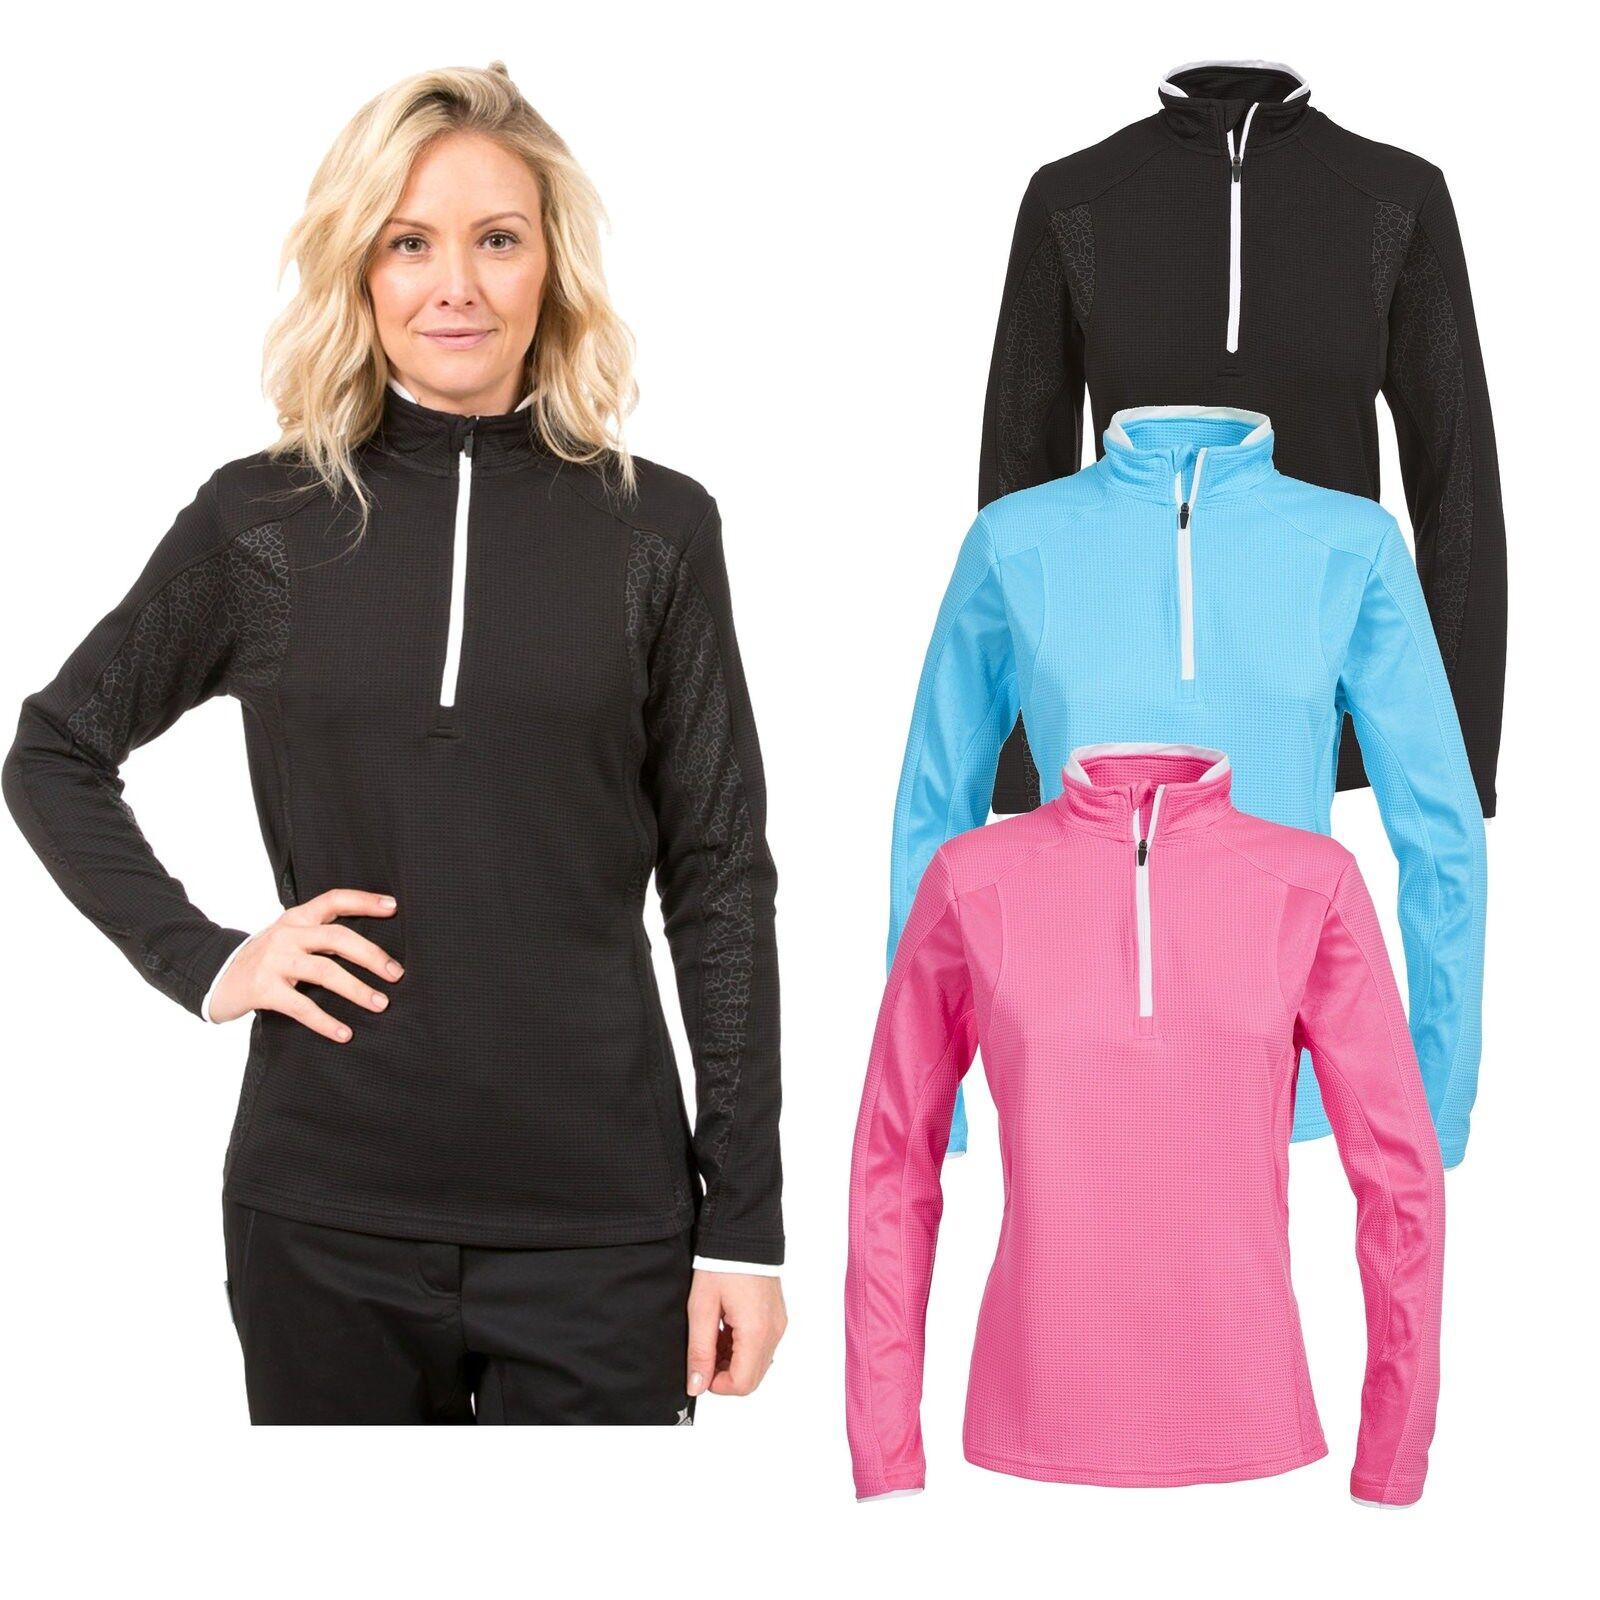 Trespass Ollog Womens Active Long Sleeve Top Gym Workout Reflective Jumper